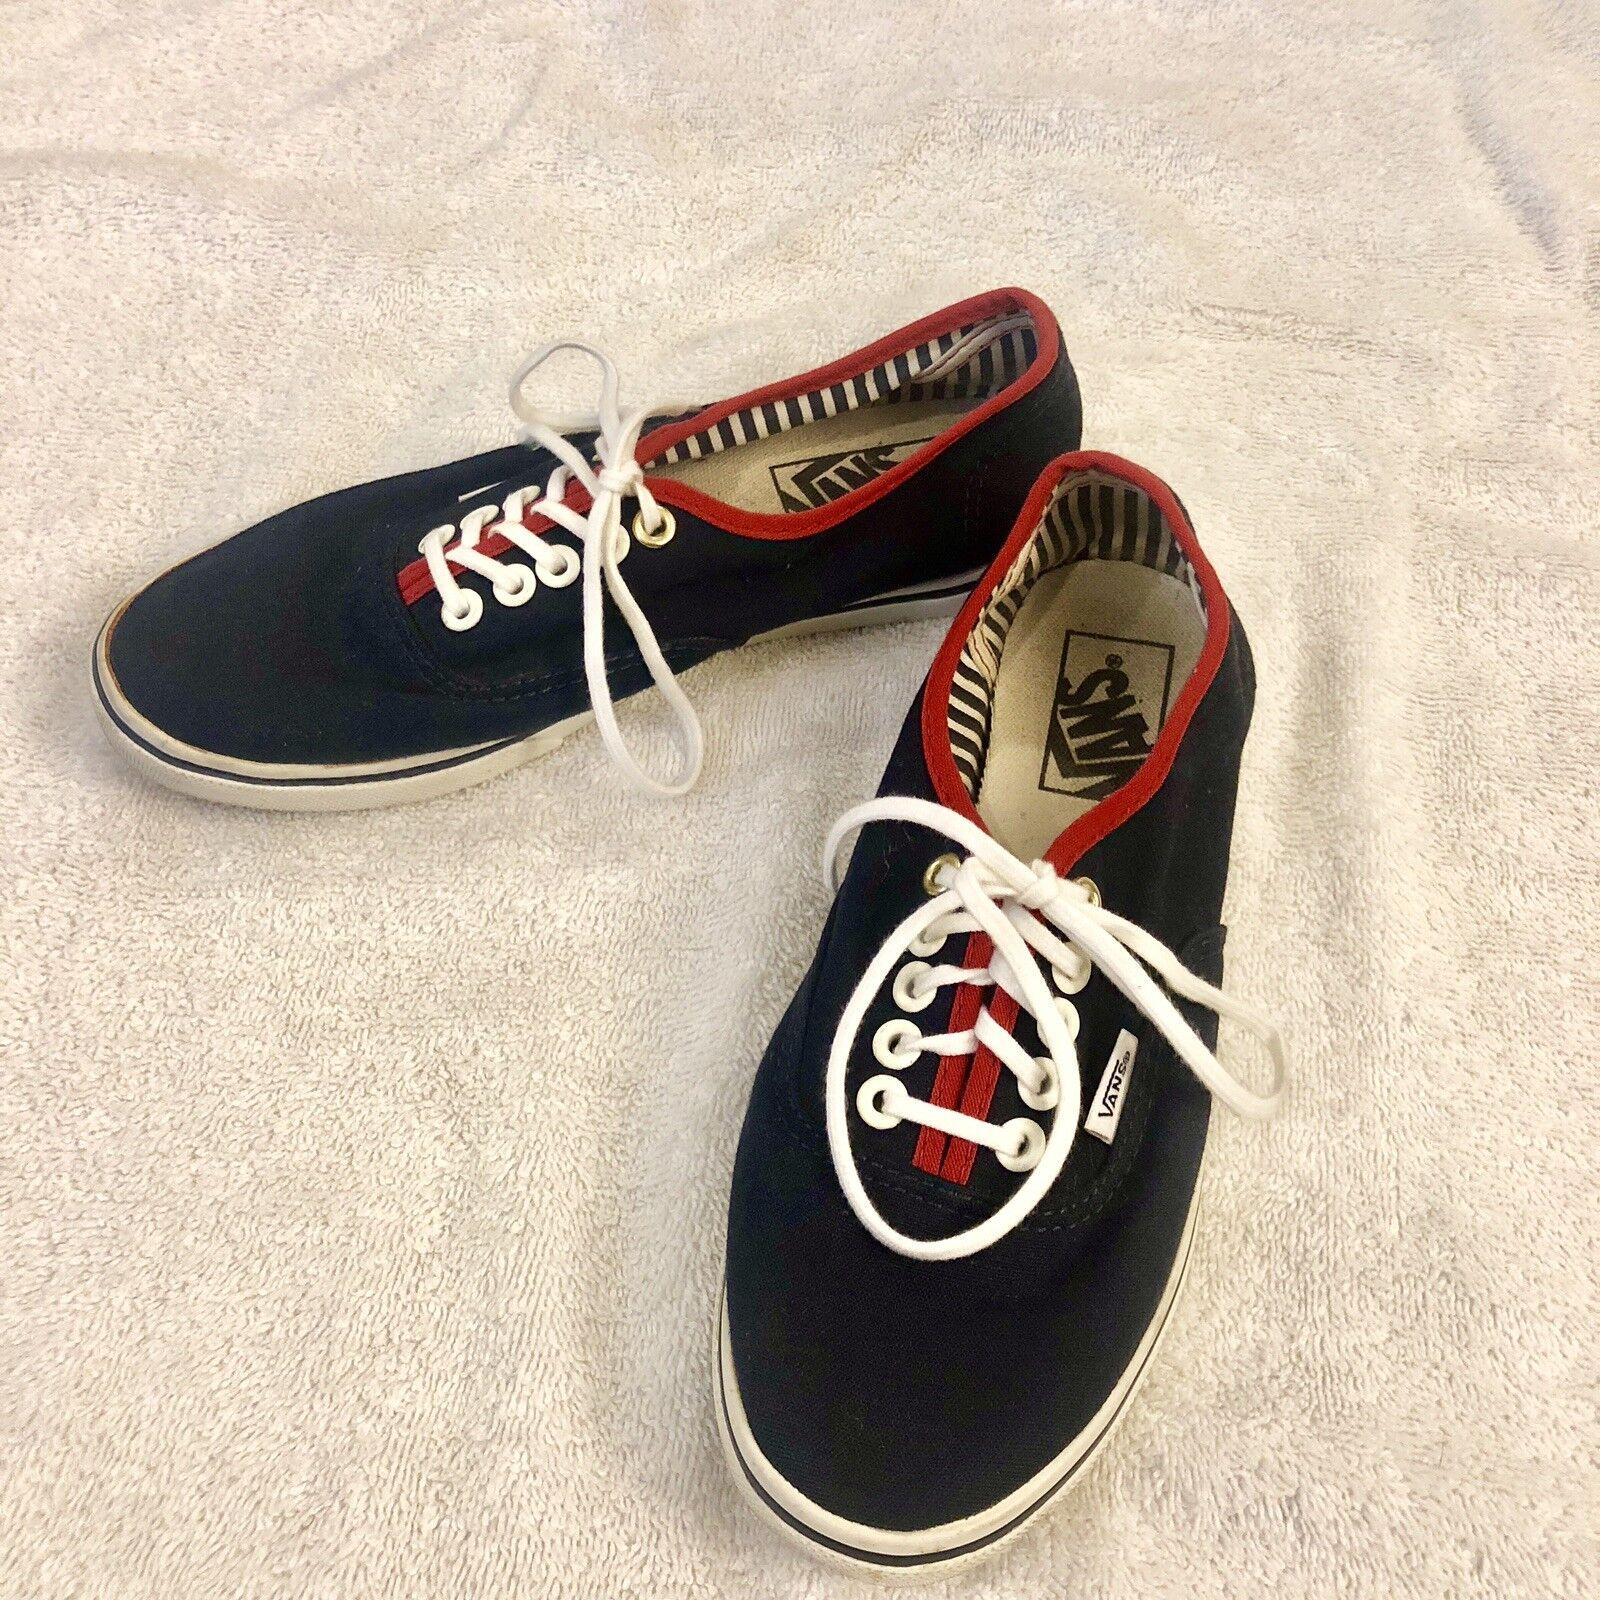 Vans Authentic Era Classic Unisex Canvas Sneakers Women Size 7 Men Size 5.5